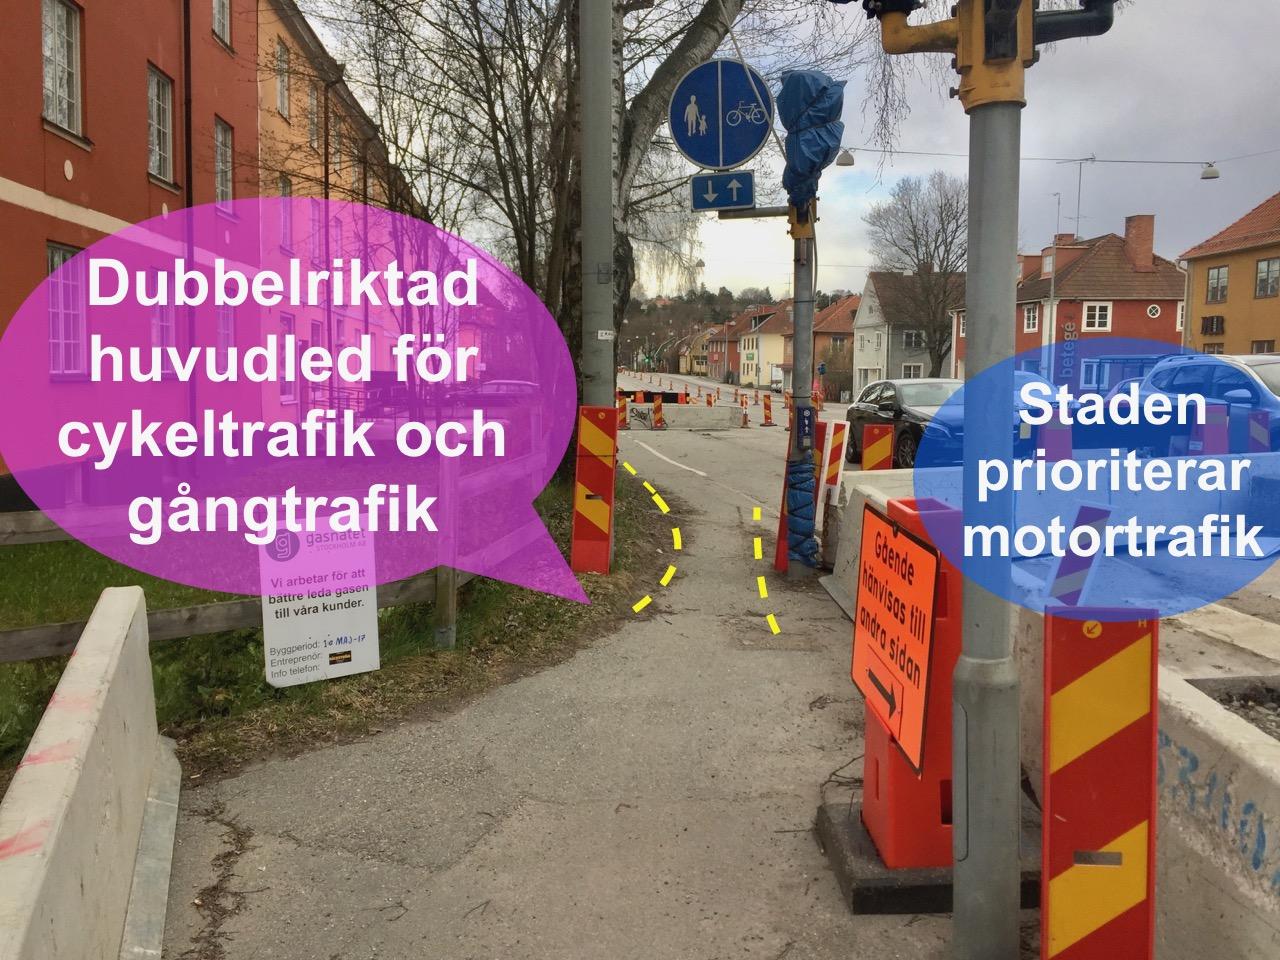 Livsfarliga skyltar mitt i cykelbanan